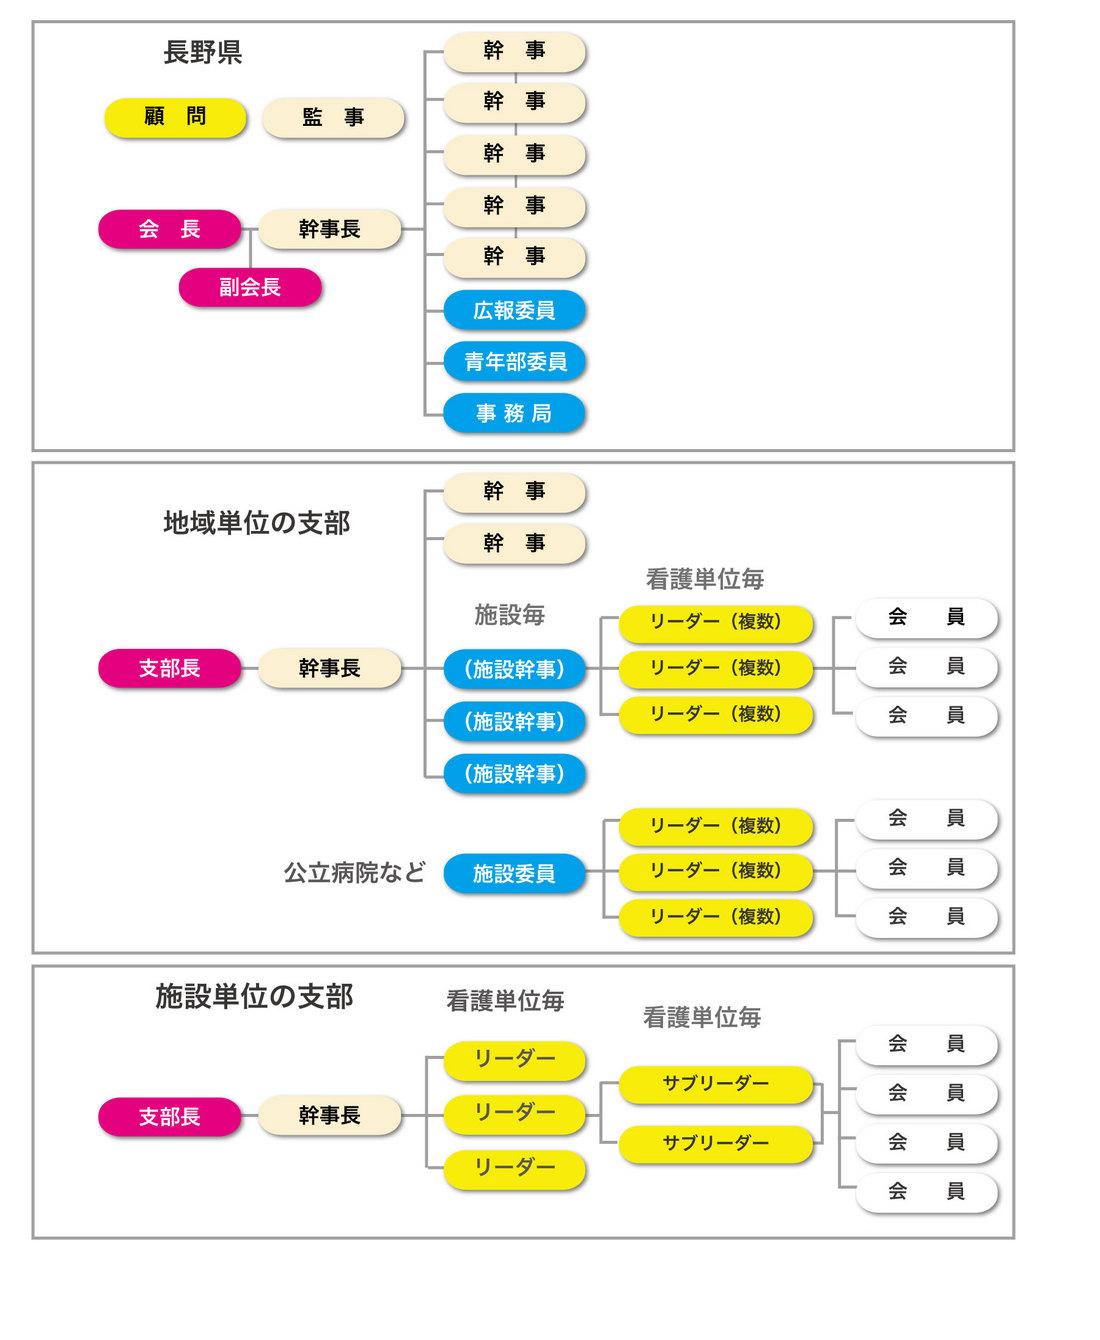 長野県看護連盟組織図